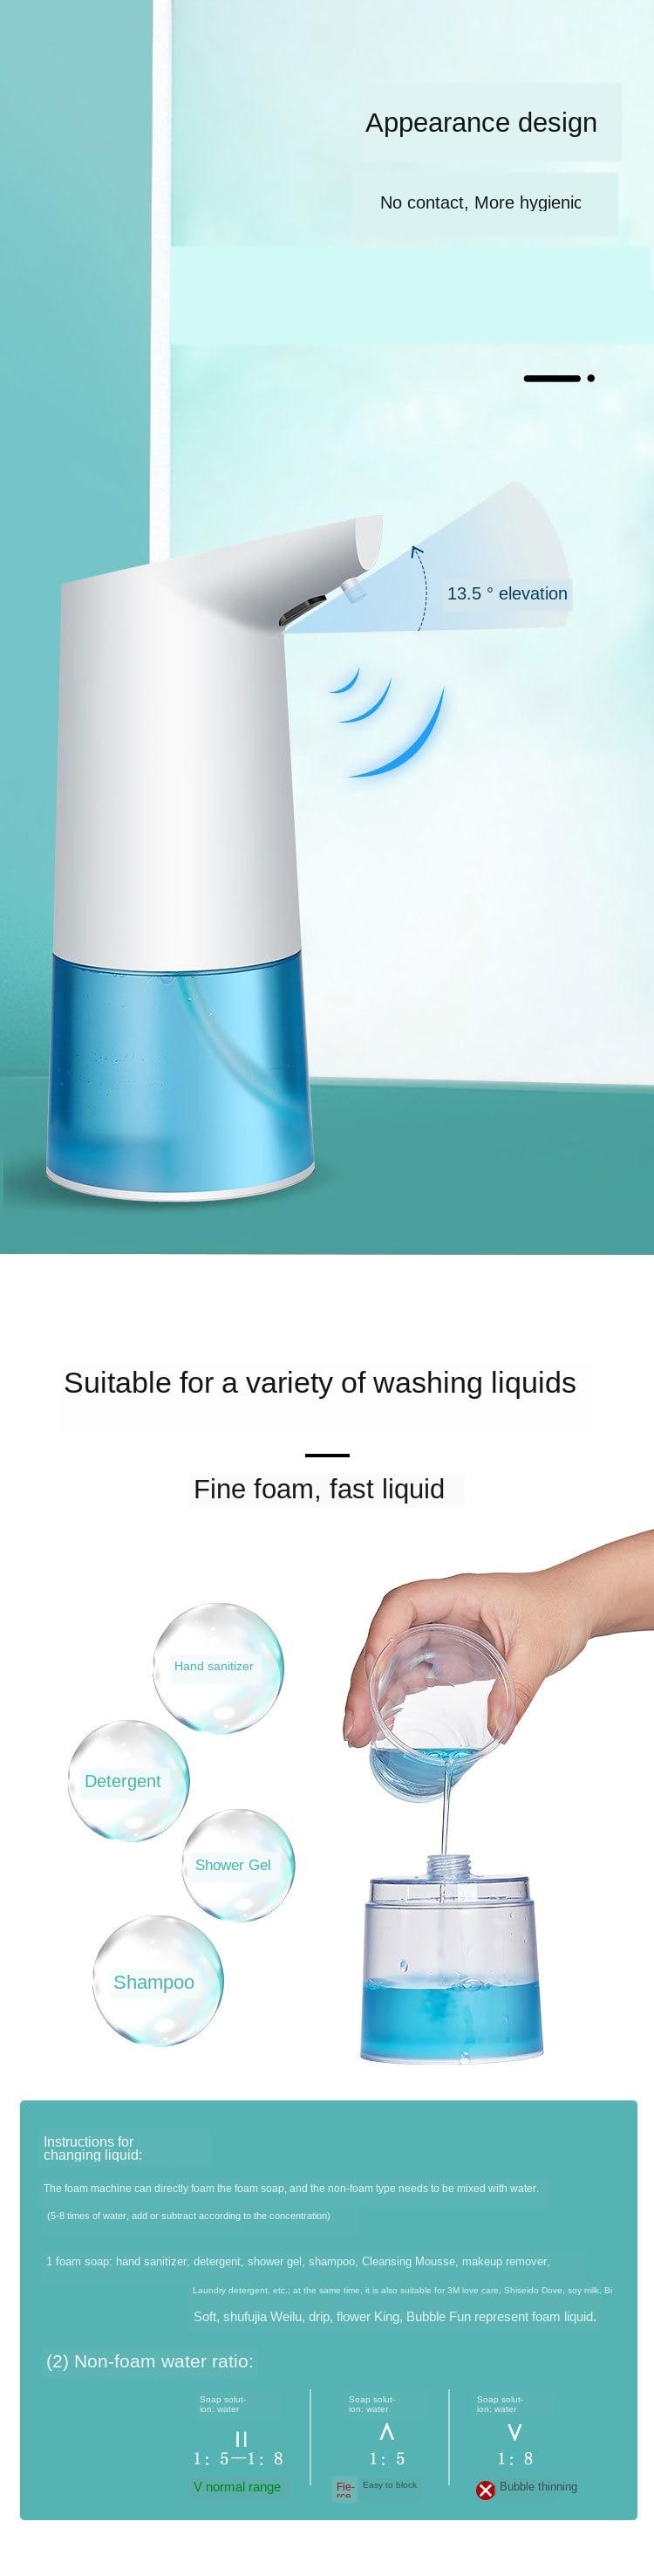 Ha27b2f9664874d9c8189a063de8017c2G Automatic Foam Soap Dispenser Infrared Sensing Foam Soap Dispenser Induction Liquid Soap Dispenser For Bathroom Kitchen Hotel